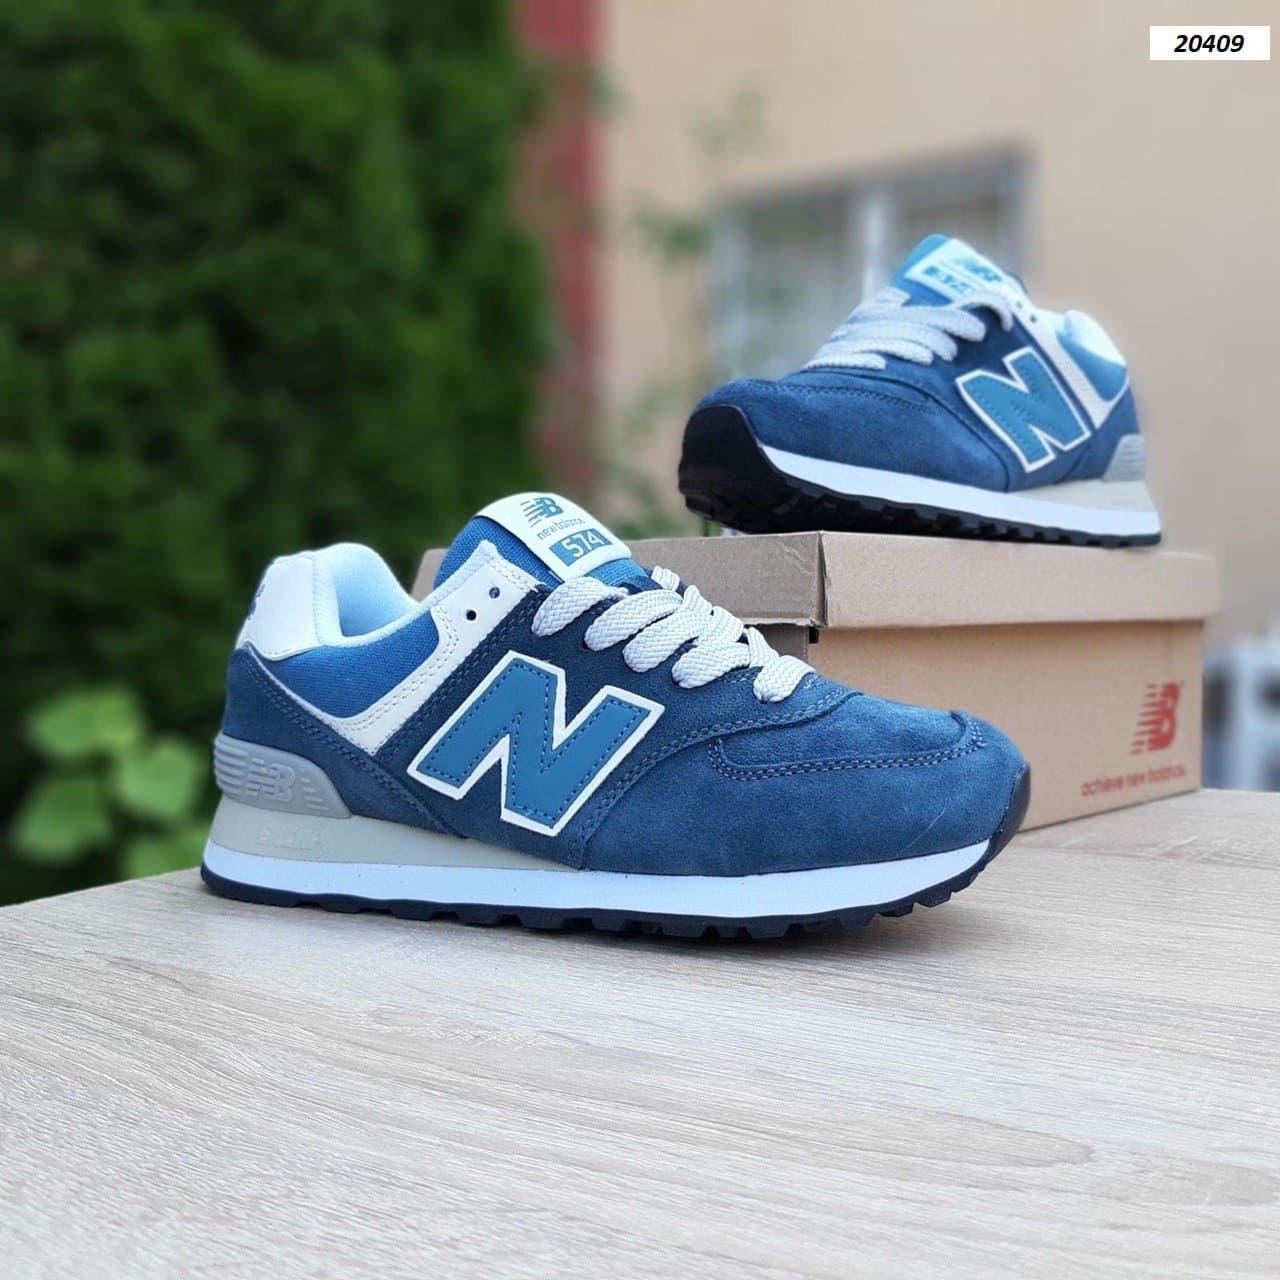 Жіночі кросівки New Balance 574 (Синьо-зелені) О20409